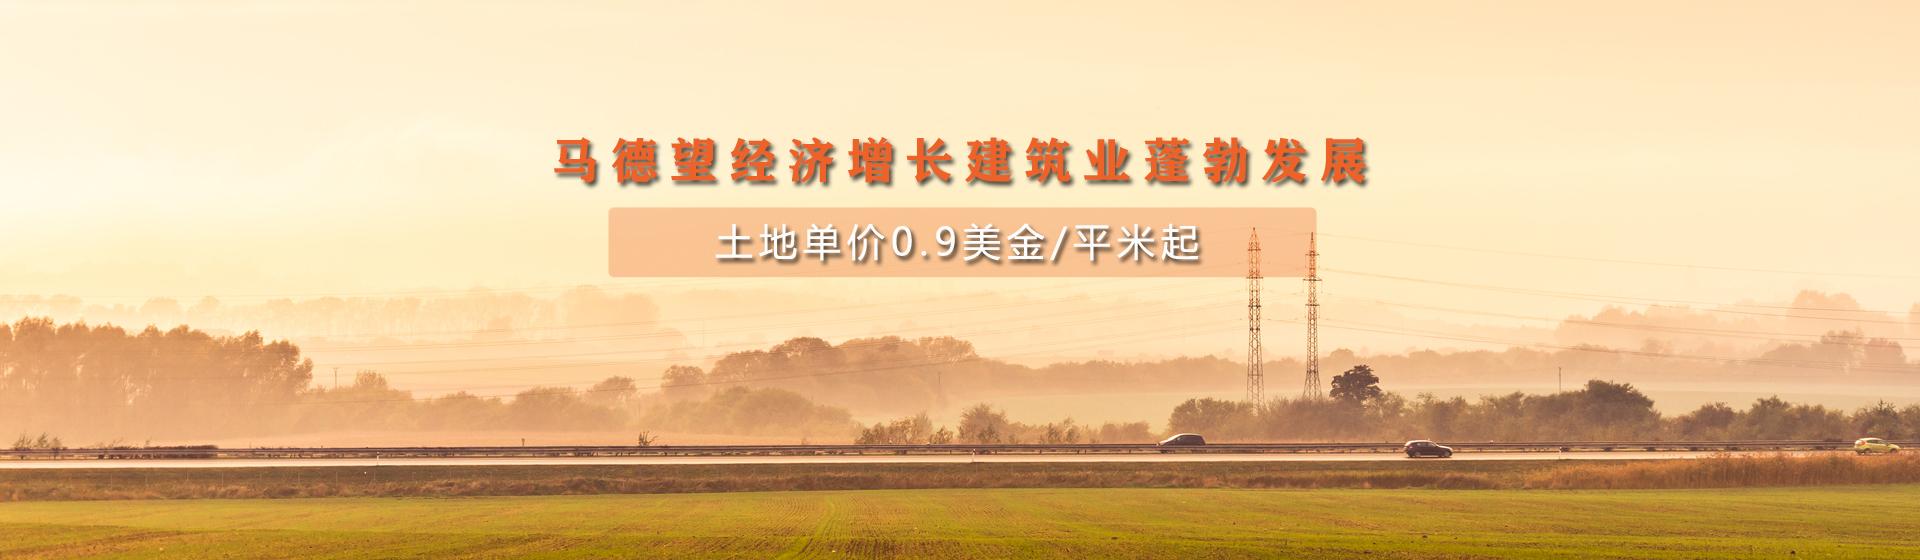 马德望土地PC端顶部banner中文